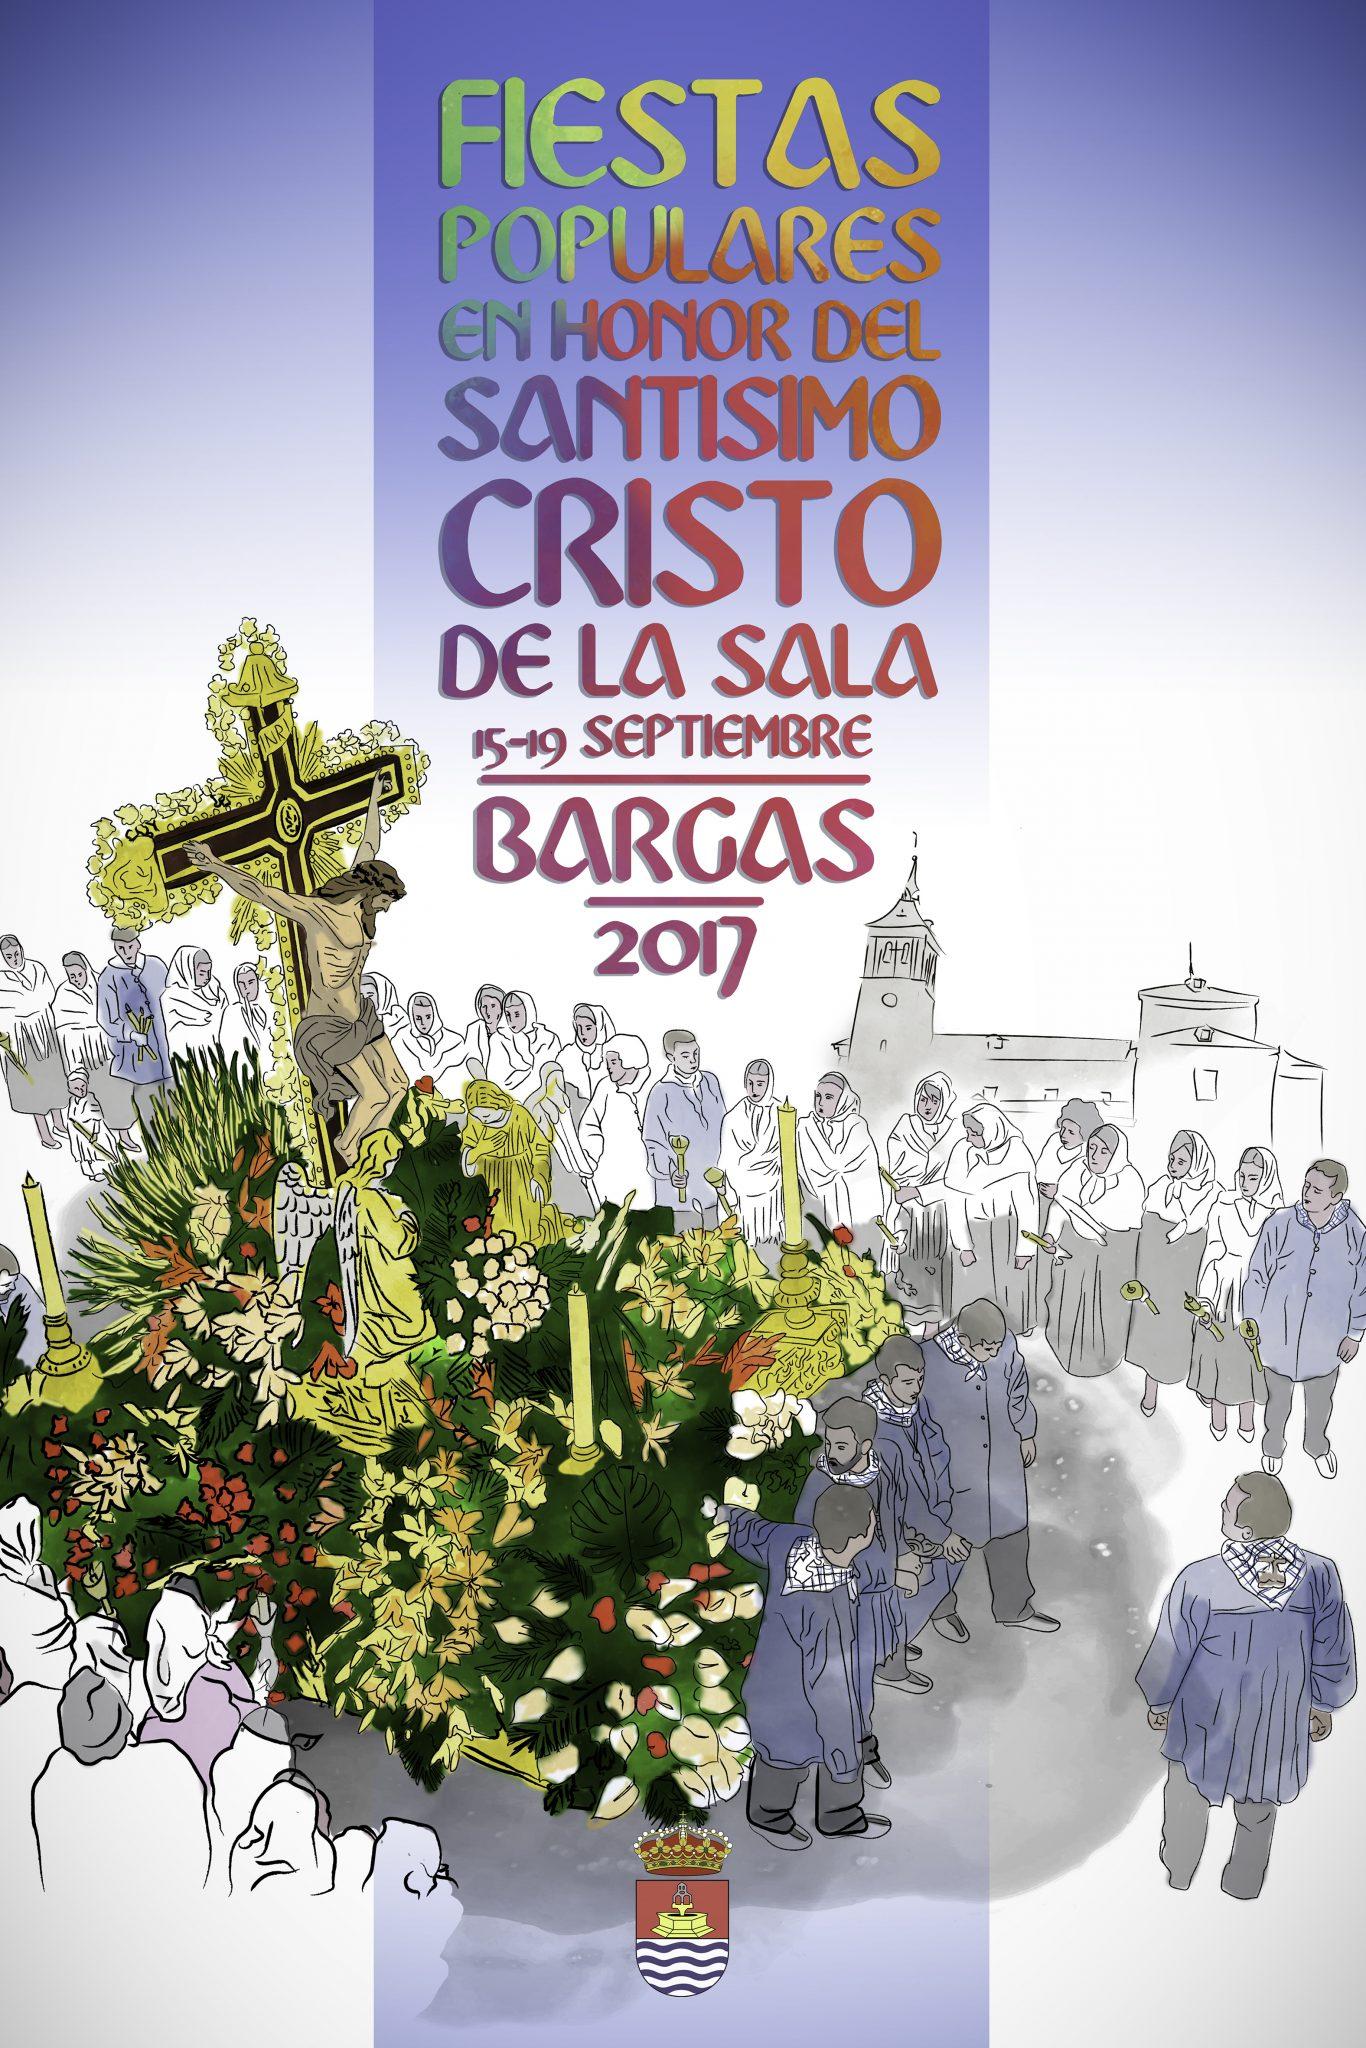 Fiestas Populares en honor del Santísimo Cristo de la Sala Bargas 2017